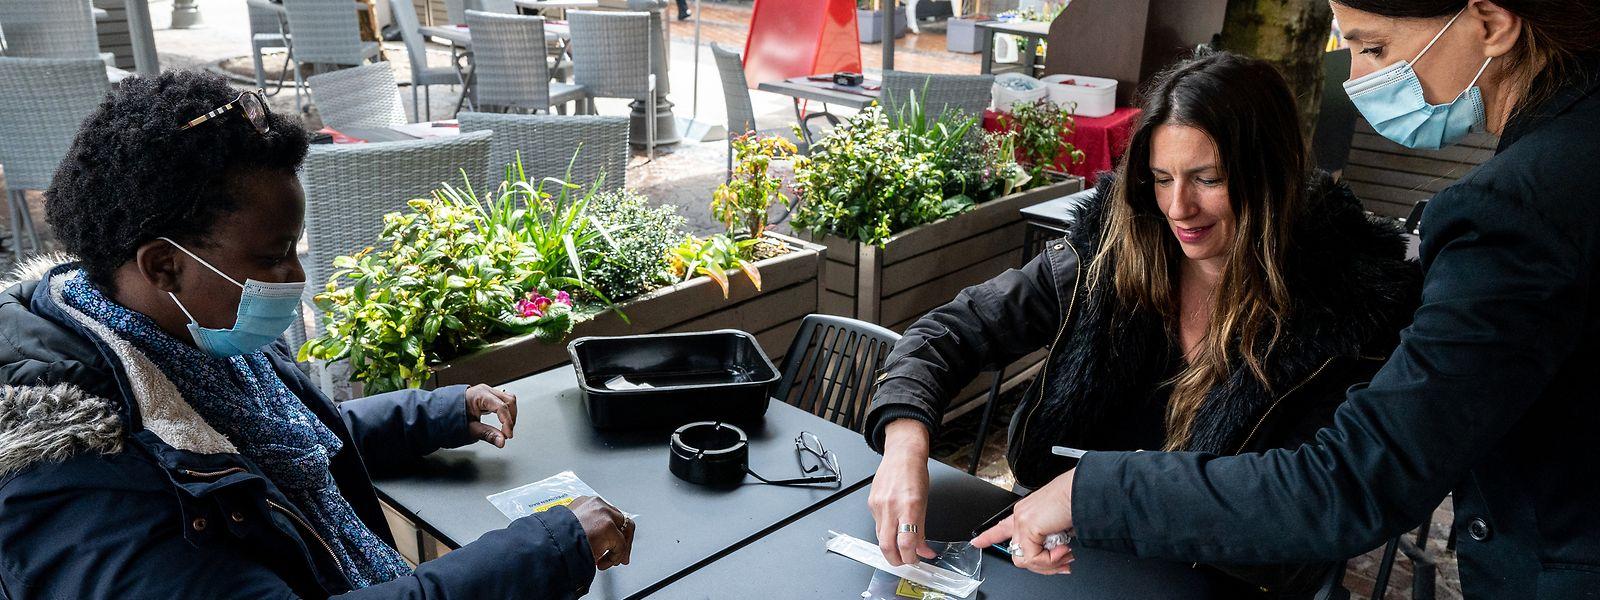 Wollen Gäste den Innenbereich von Cafés oder Restaurants betreten, benötigen sie einen negativen Schnelltest.